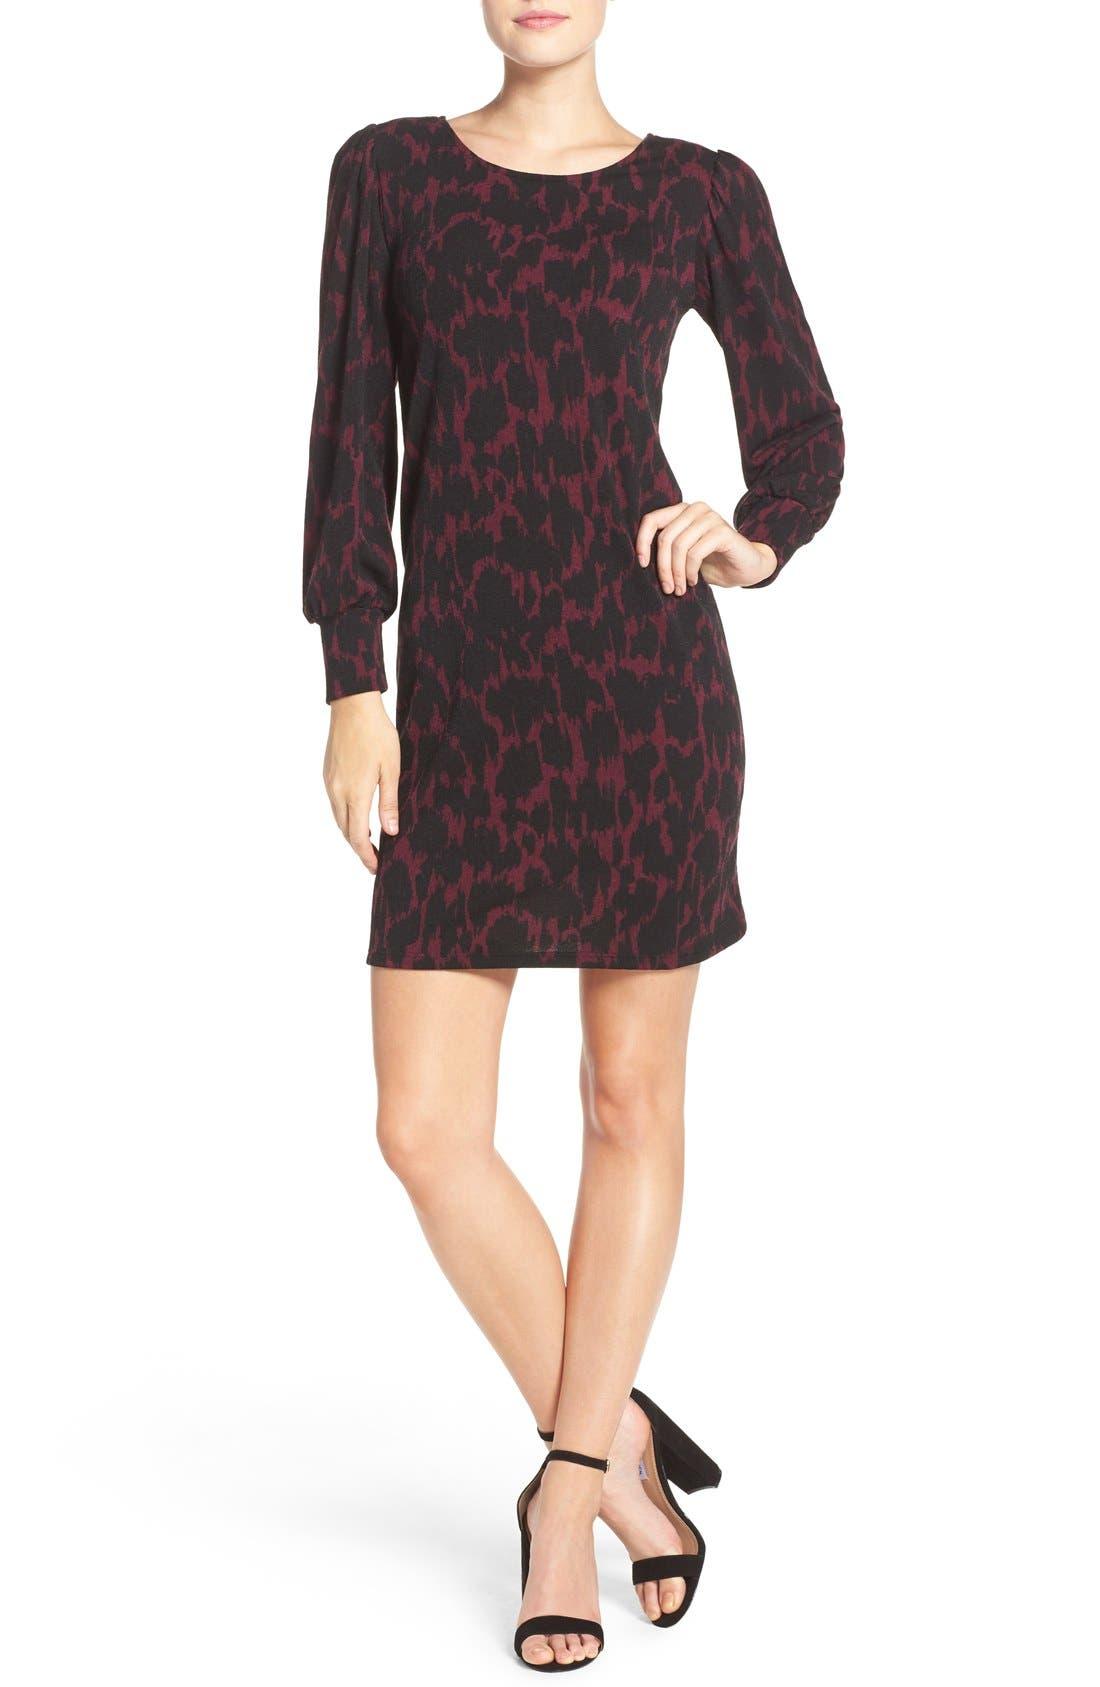 LEOTA,                             'Kate' Static Print Jersey Shift Dress,                             Alternate thumbnail 2, color,                             006